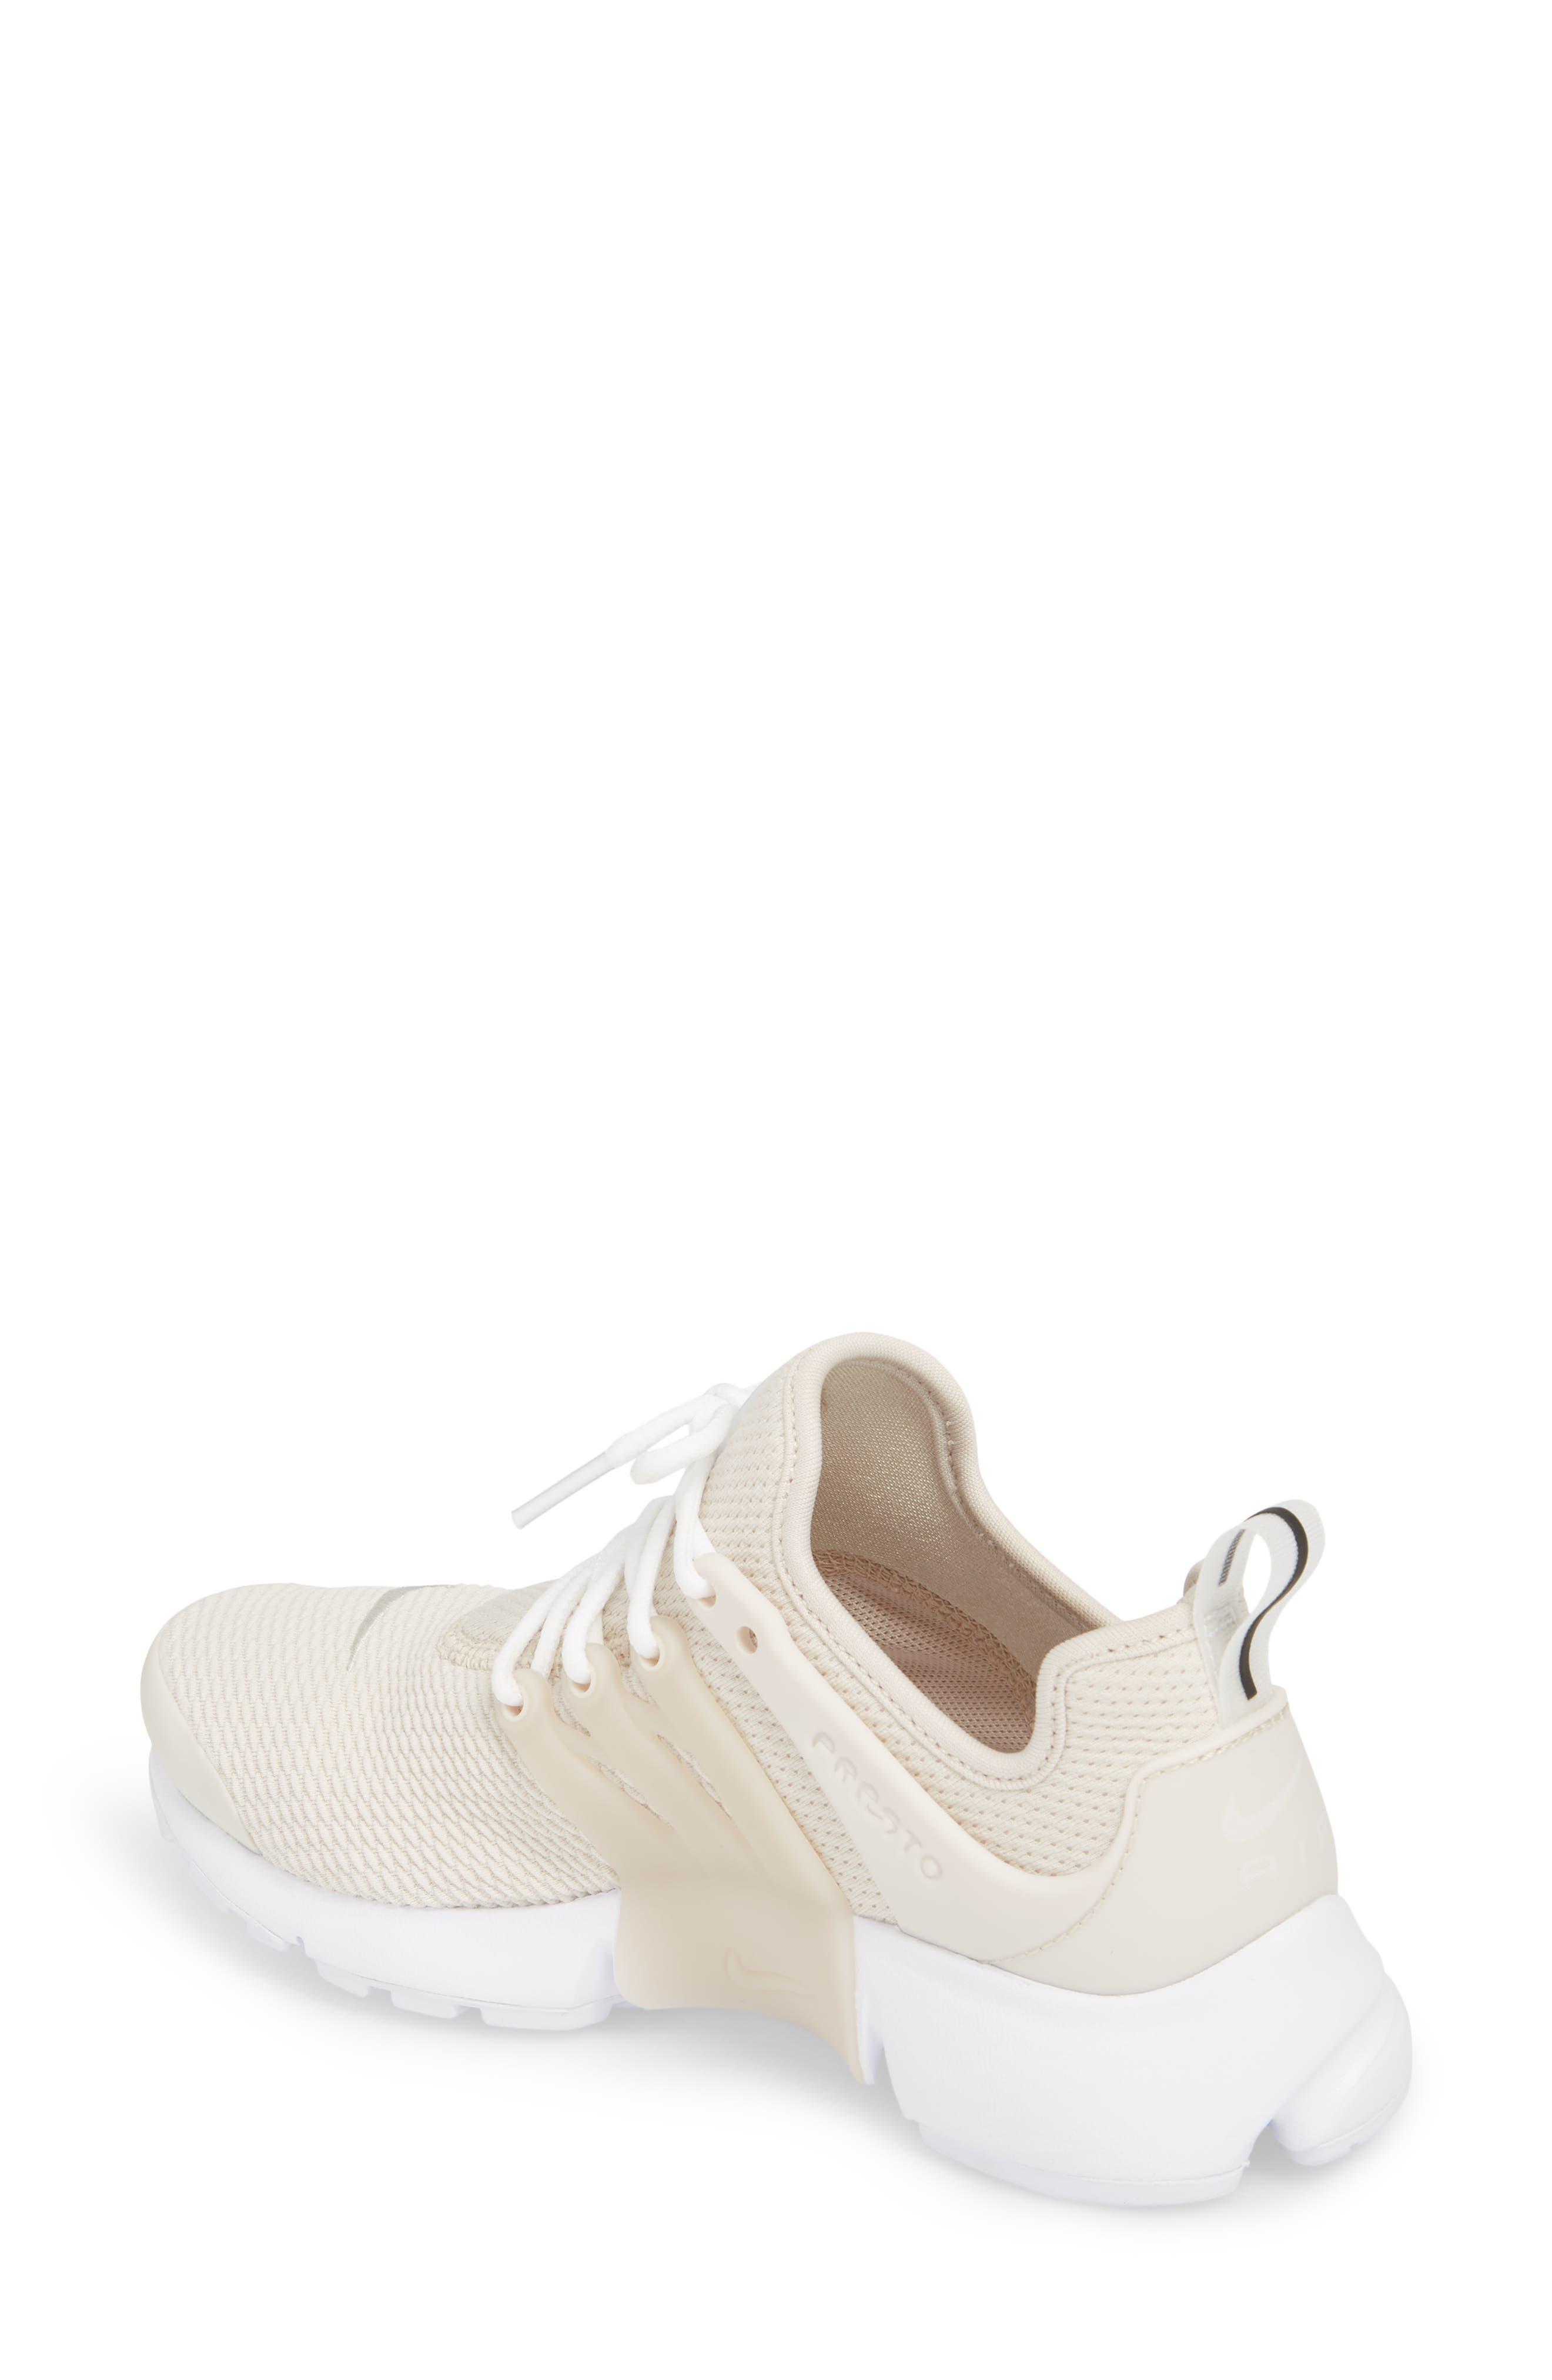 Air Presto Sneaker,                             Alternate thumbnail 2, color,                             Desert Sand/ Desert Sand